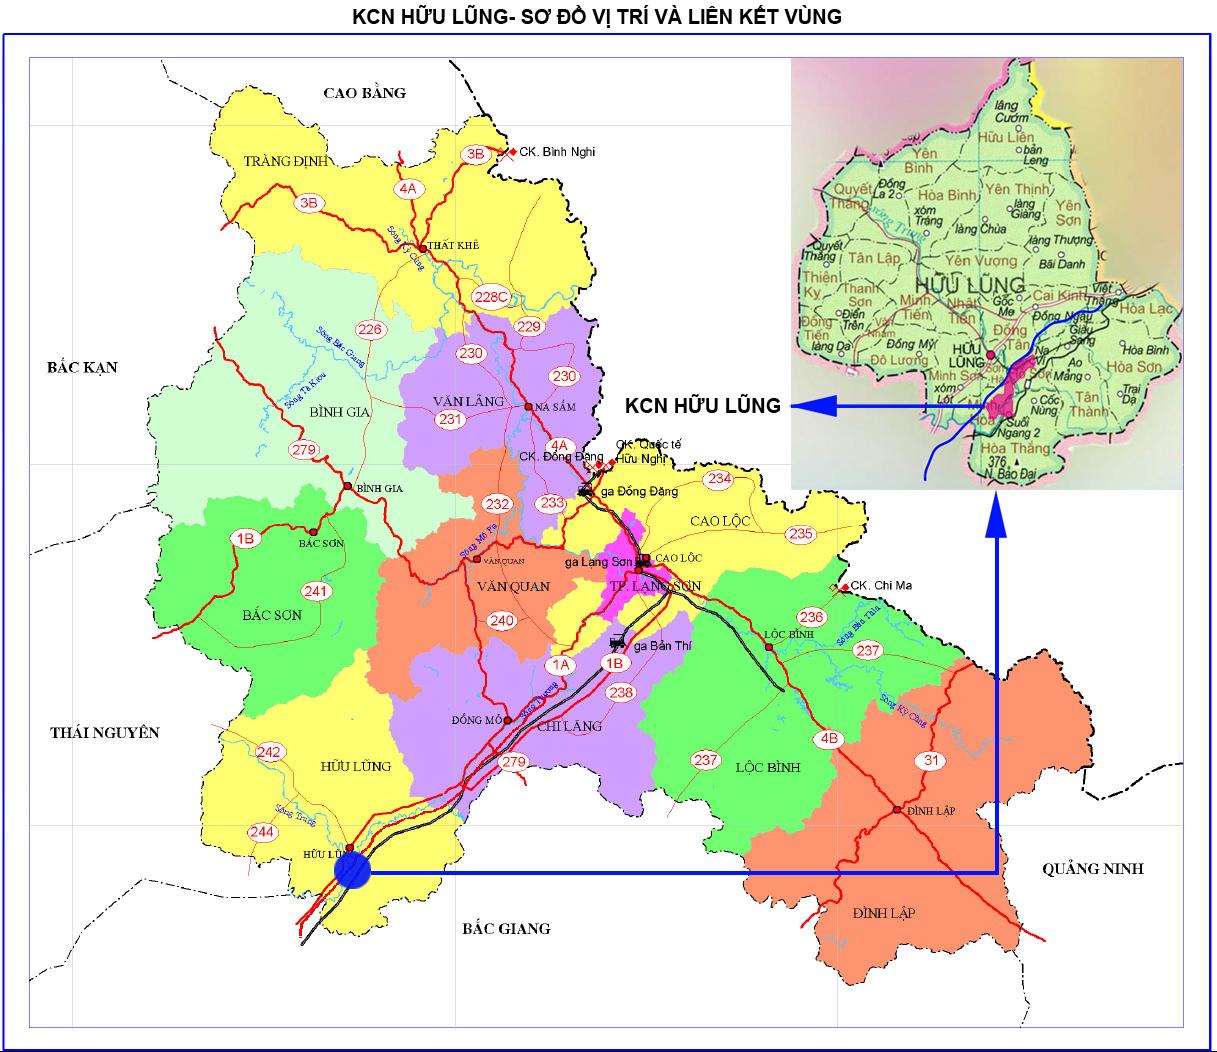 bản đồ liên kết vùng